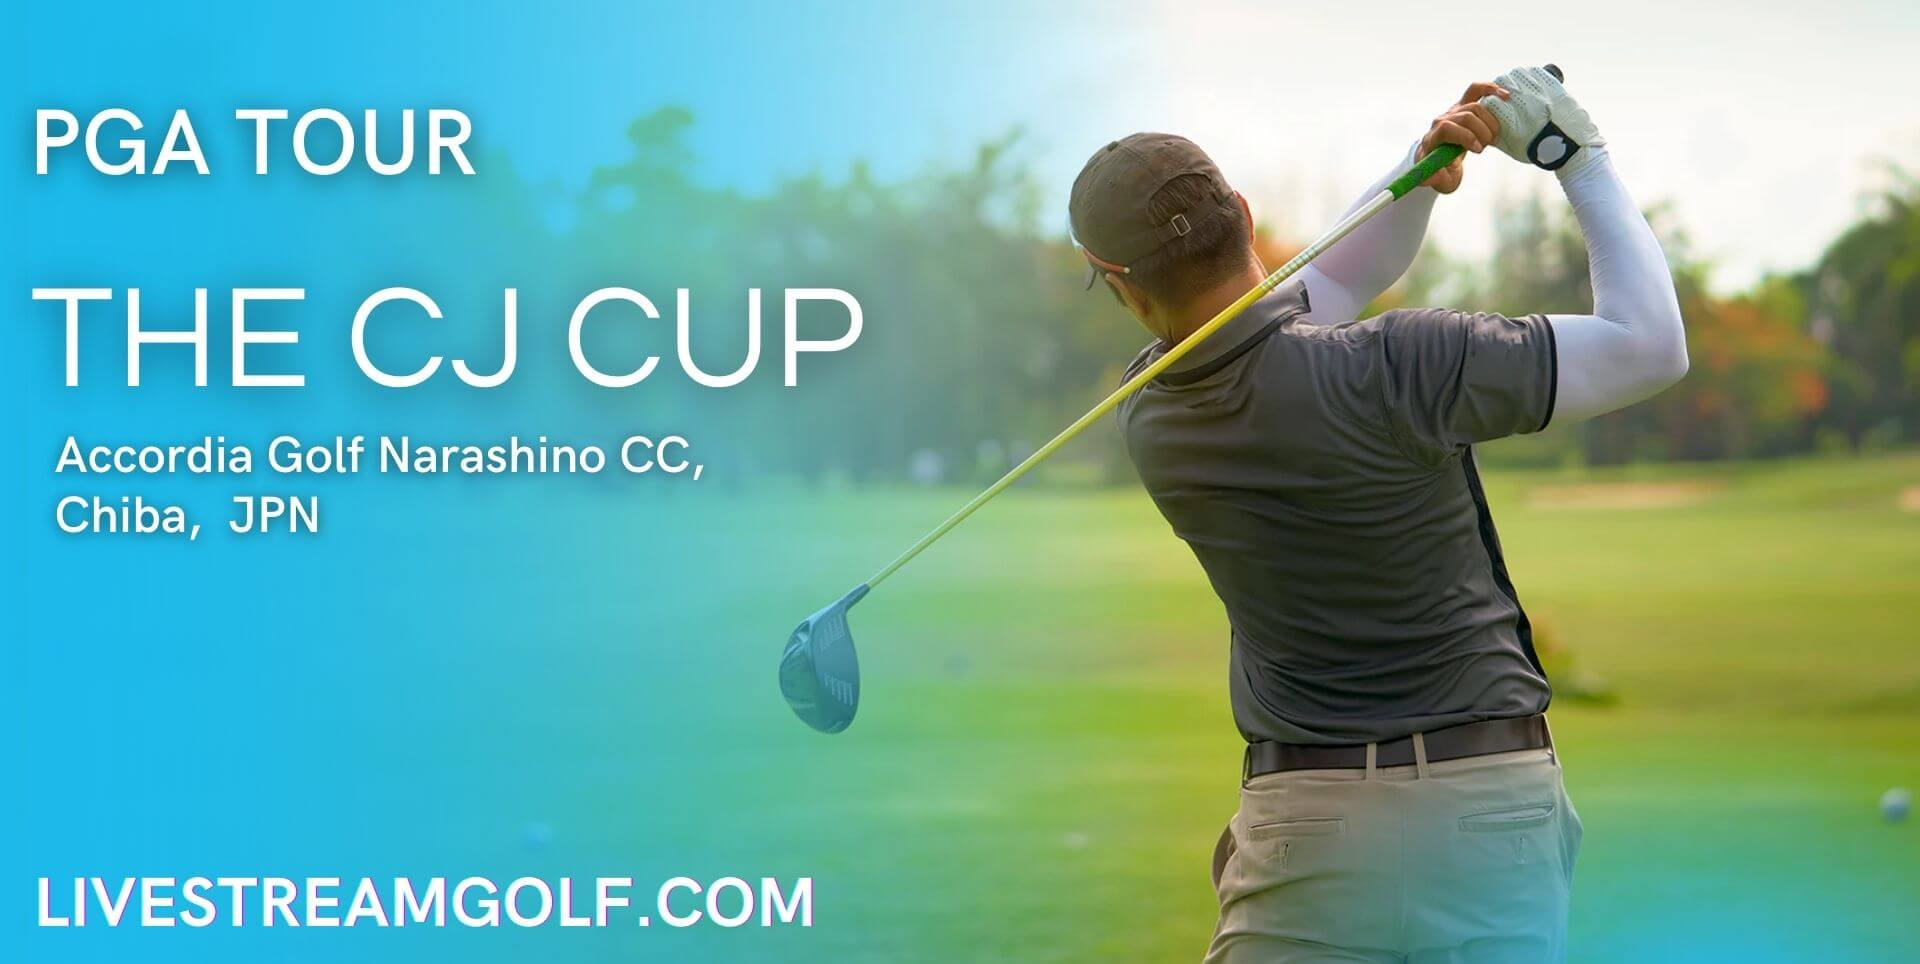 THE CJ CUP Rd 2 Live Stream: PGA Tour 2021